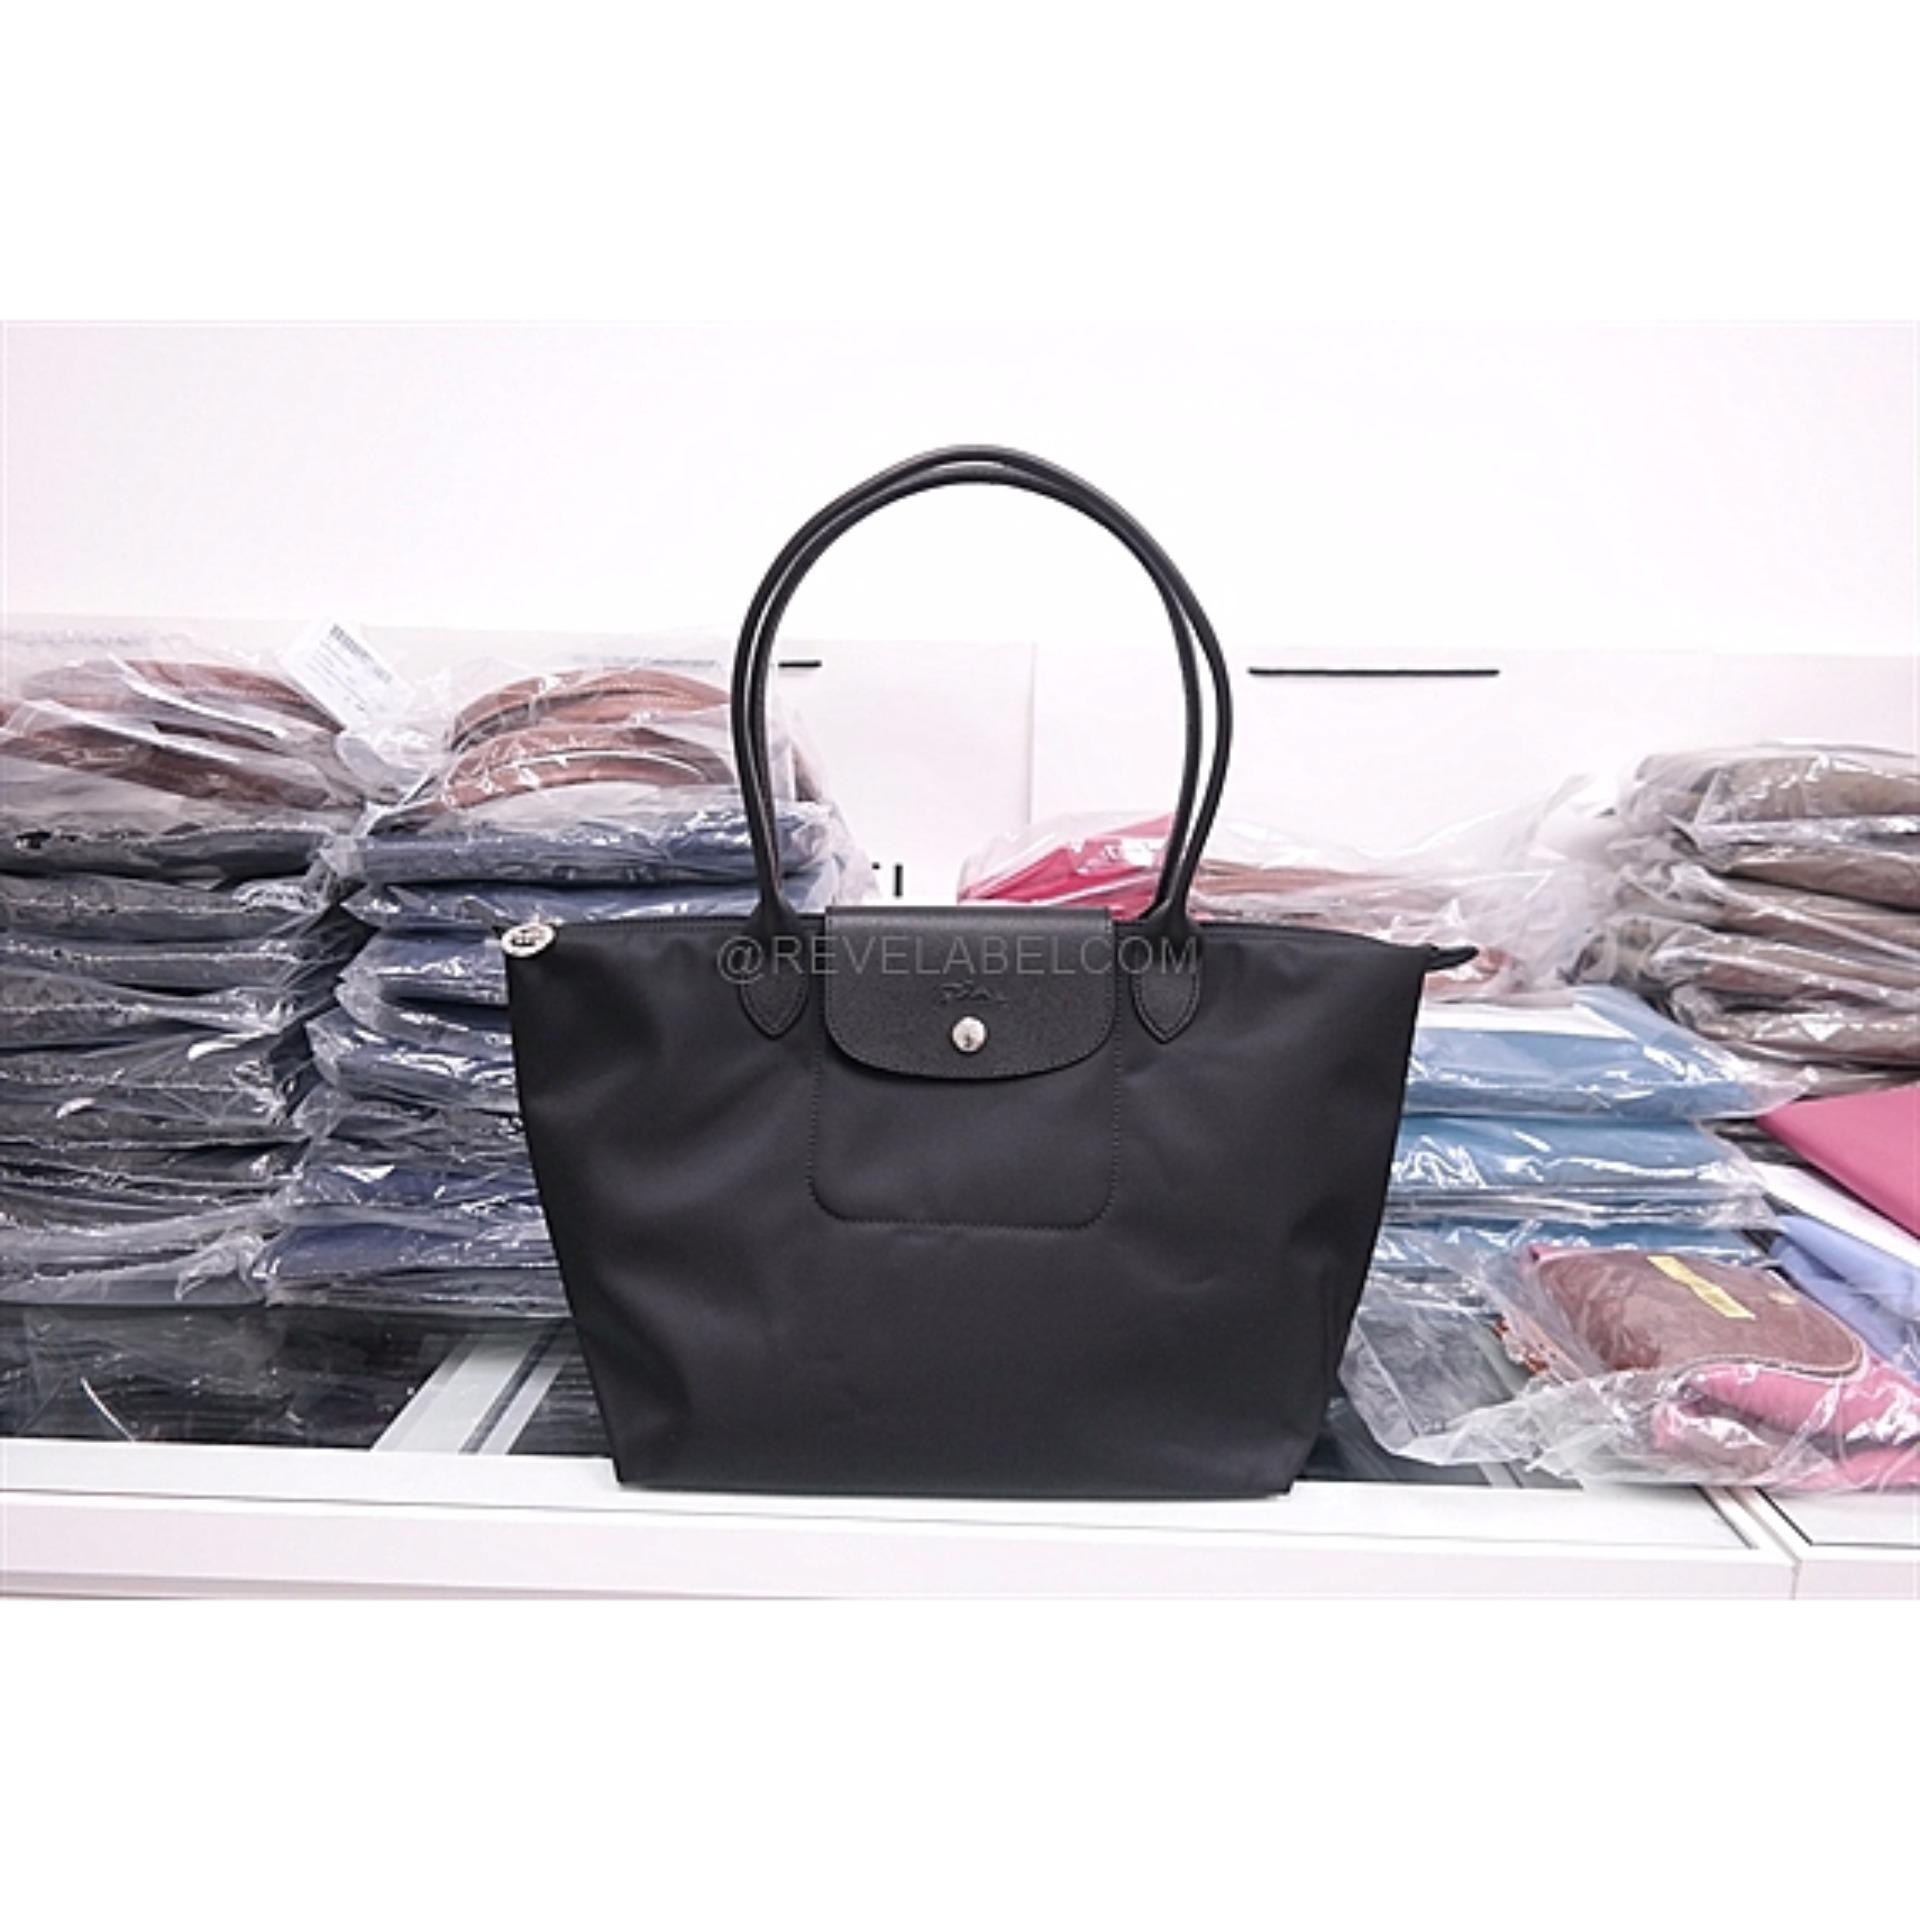 Longchamp Le Pliage Neo Long Handle Small Black 2605 578 001 Singapore Authentic